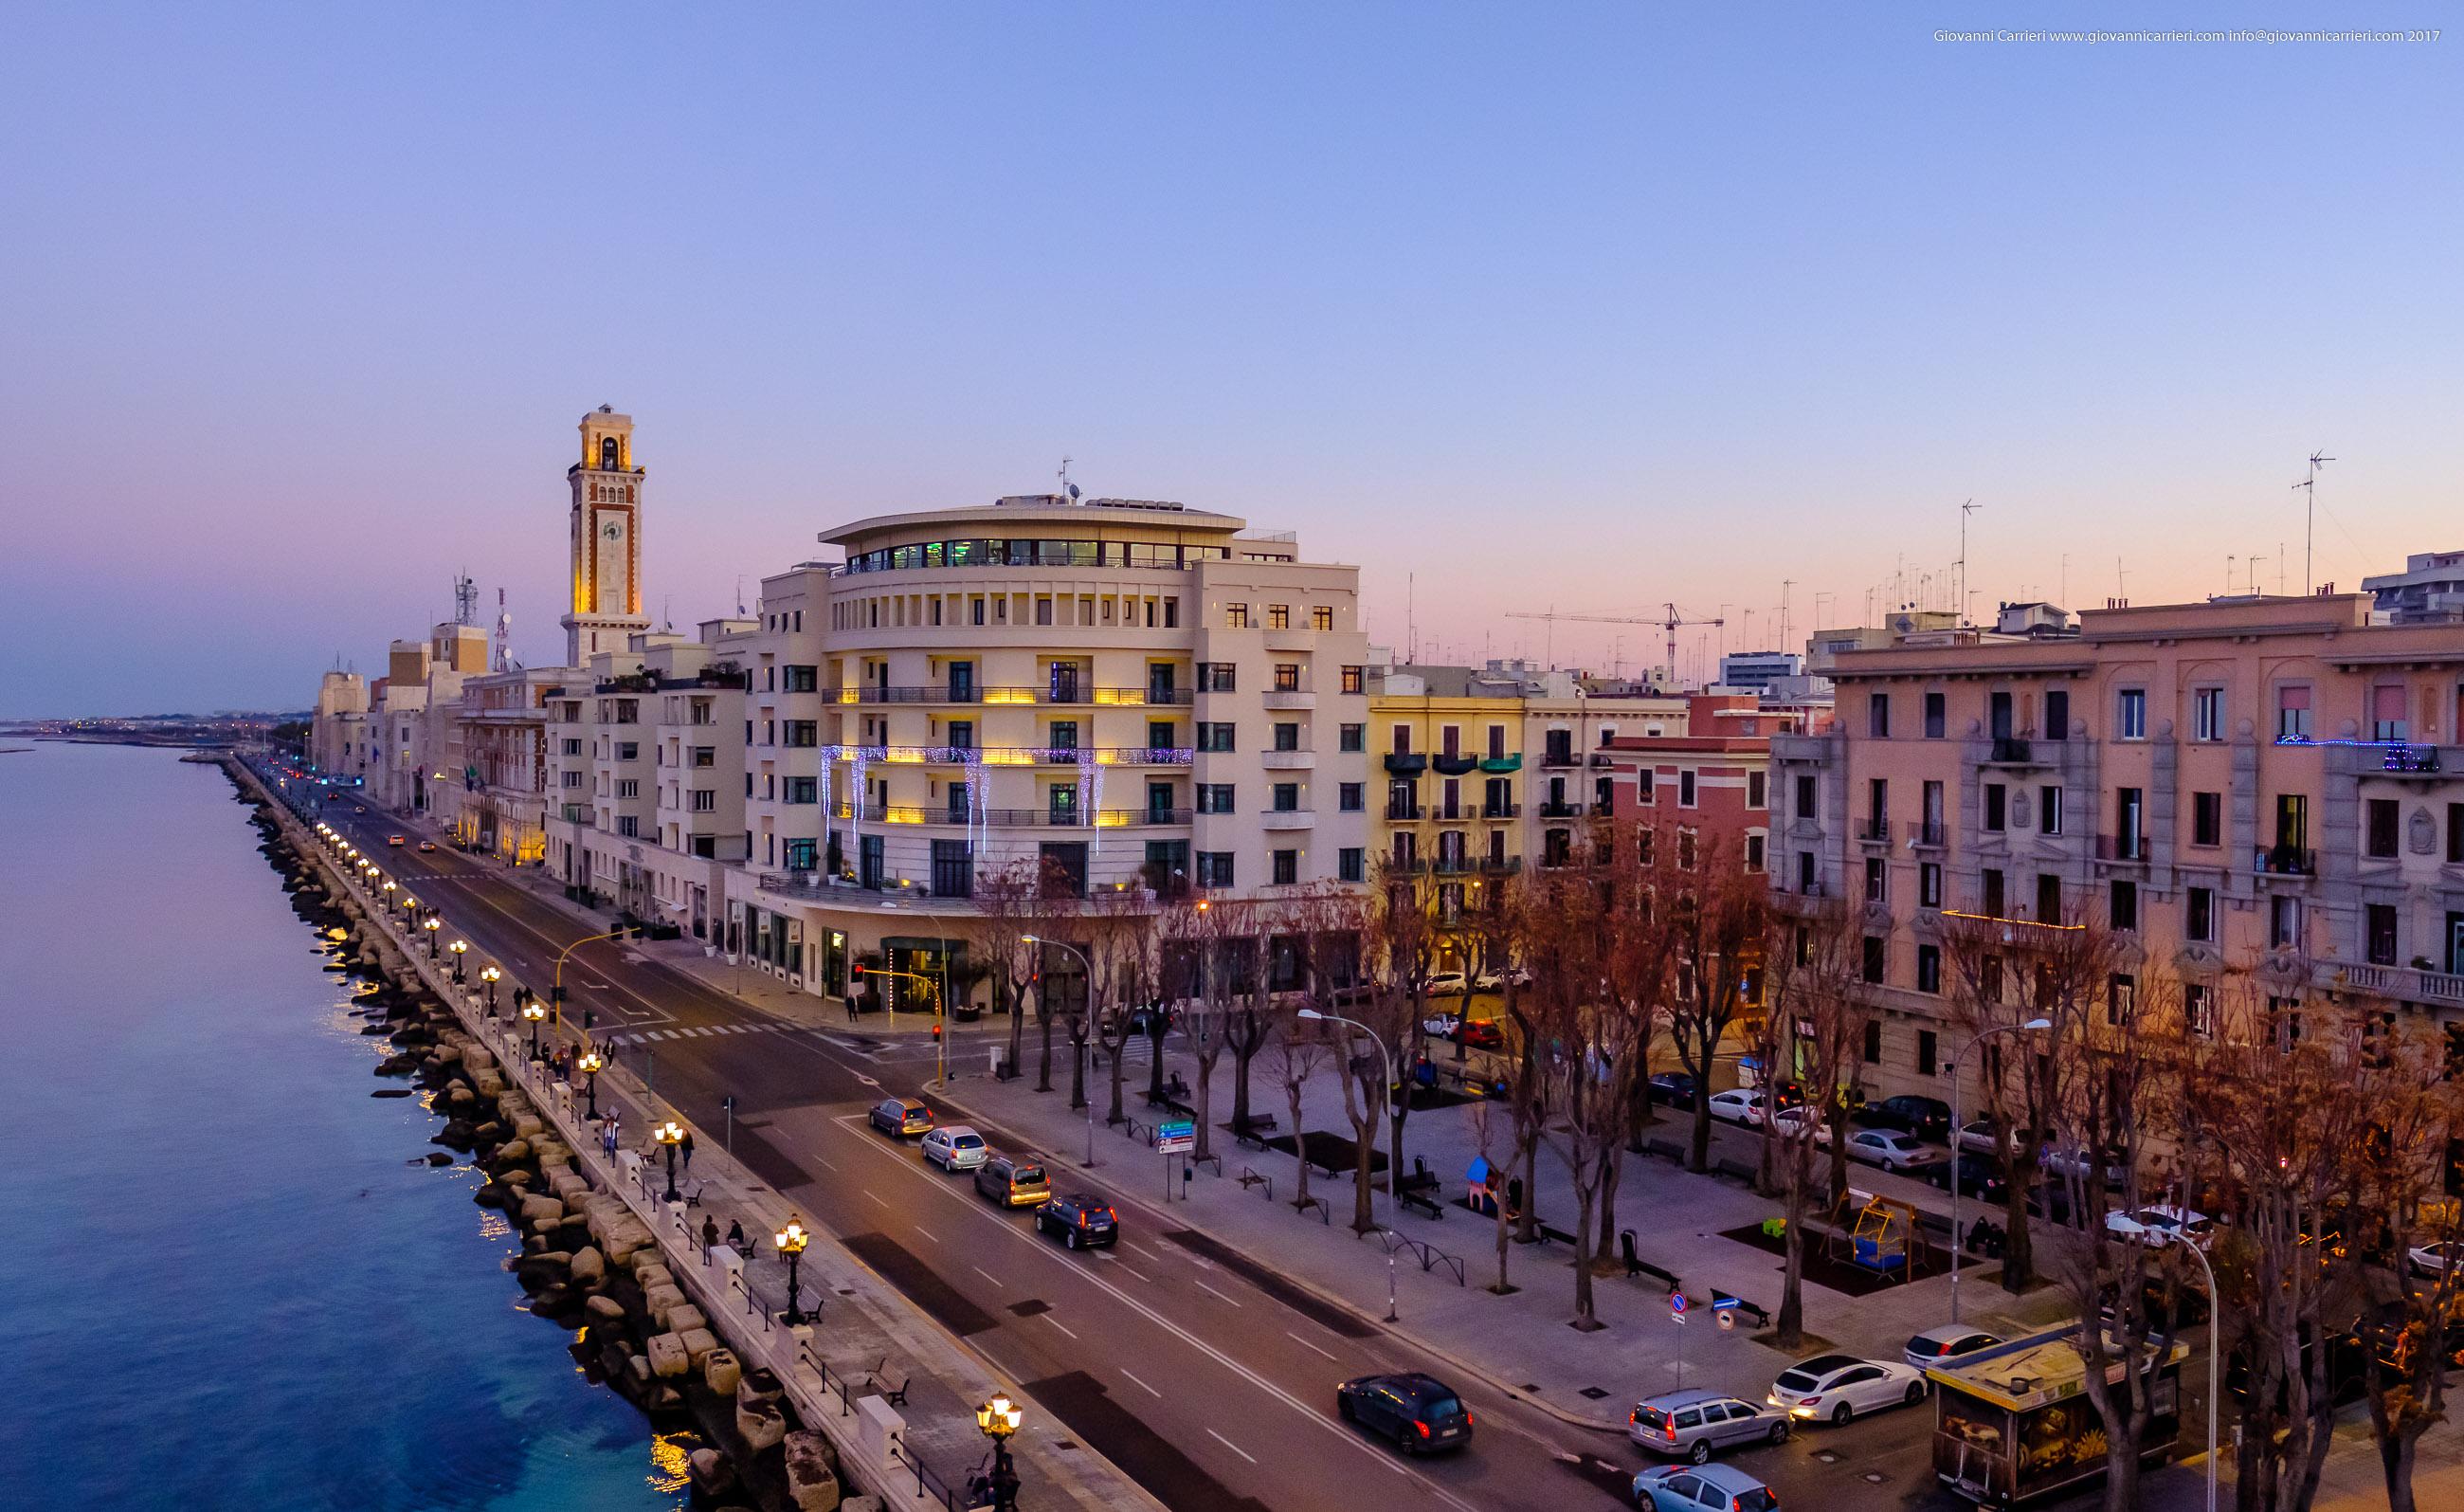 Vista dell'albergo delle nazioni sul lungomare, Bari